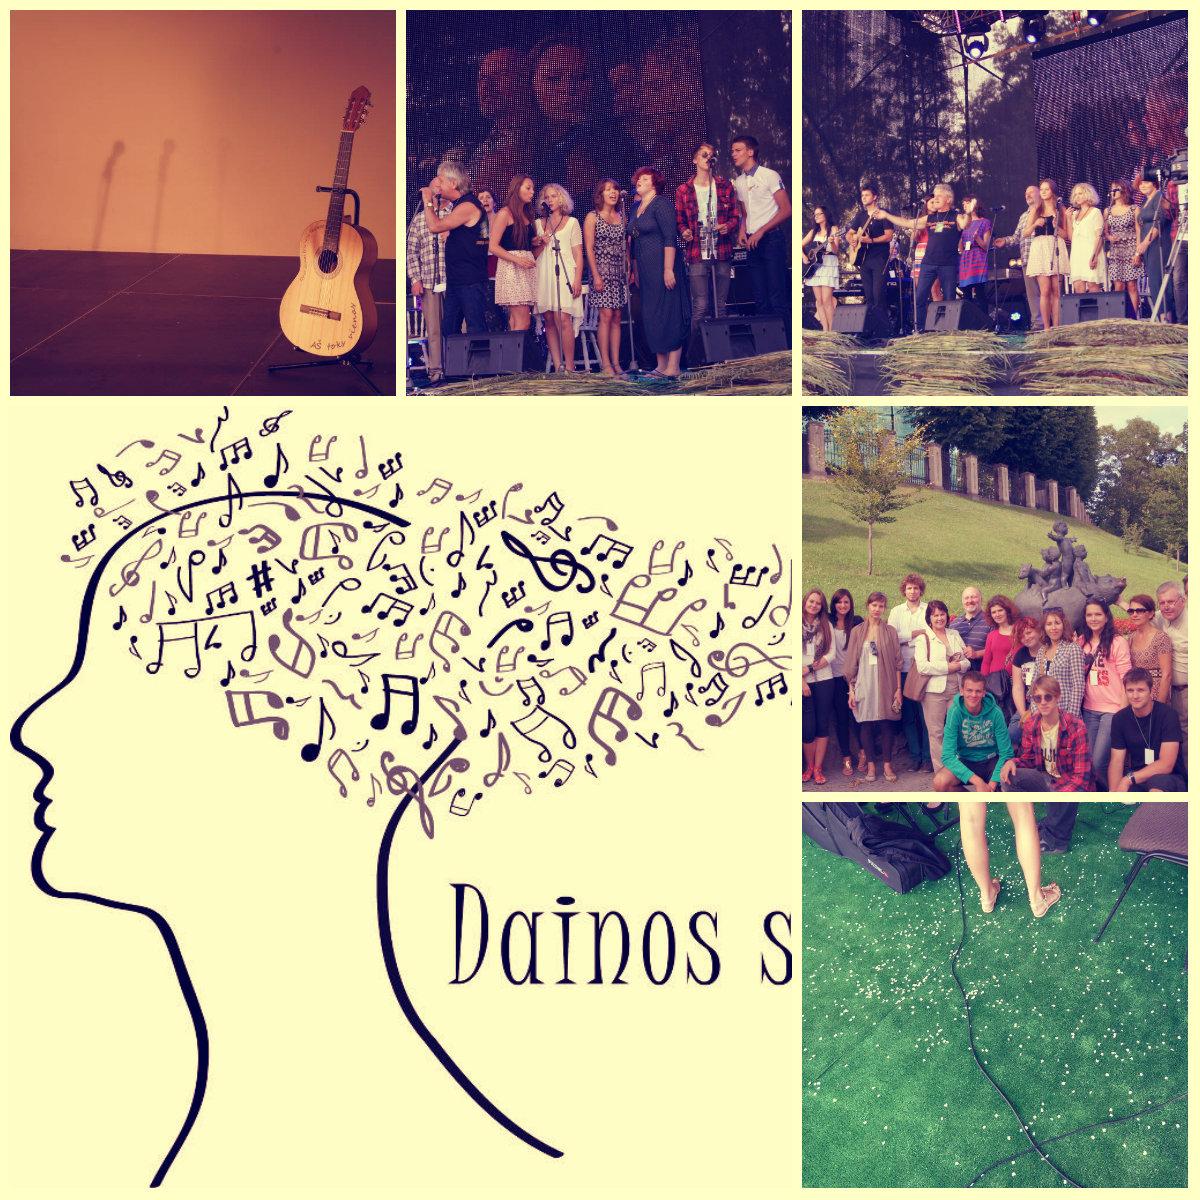 Jaunieji muzikos atlikėjai ir dainų kūrėjai kviečiami dalyvauti